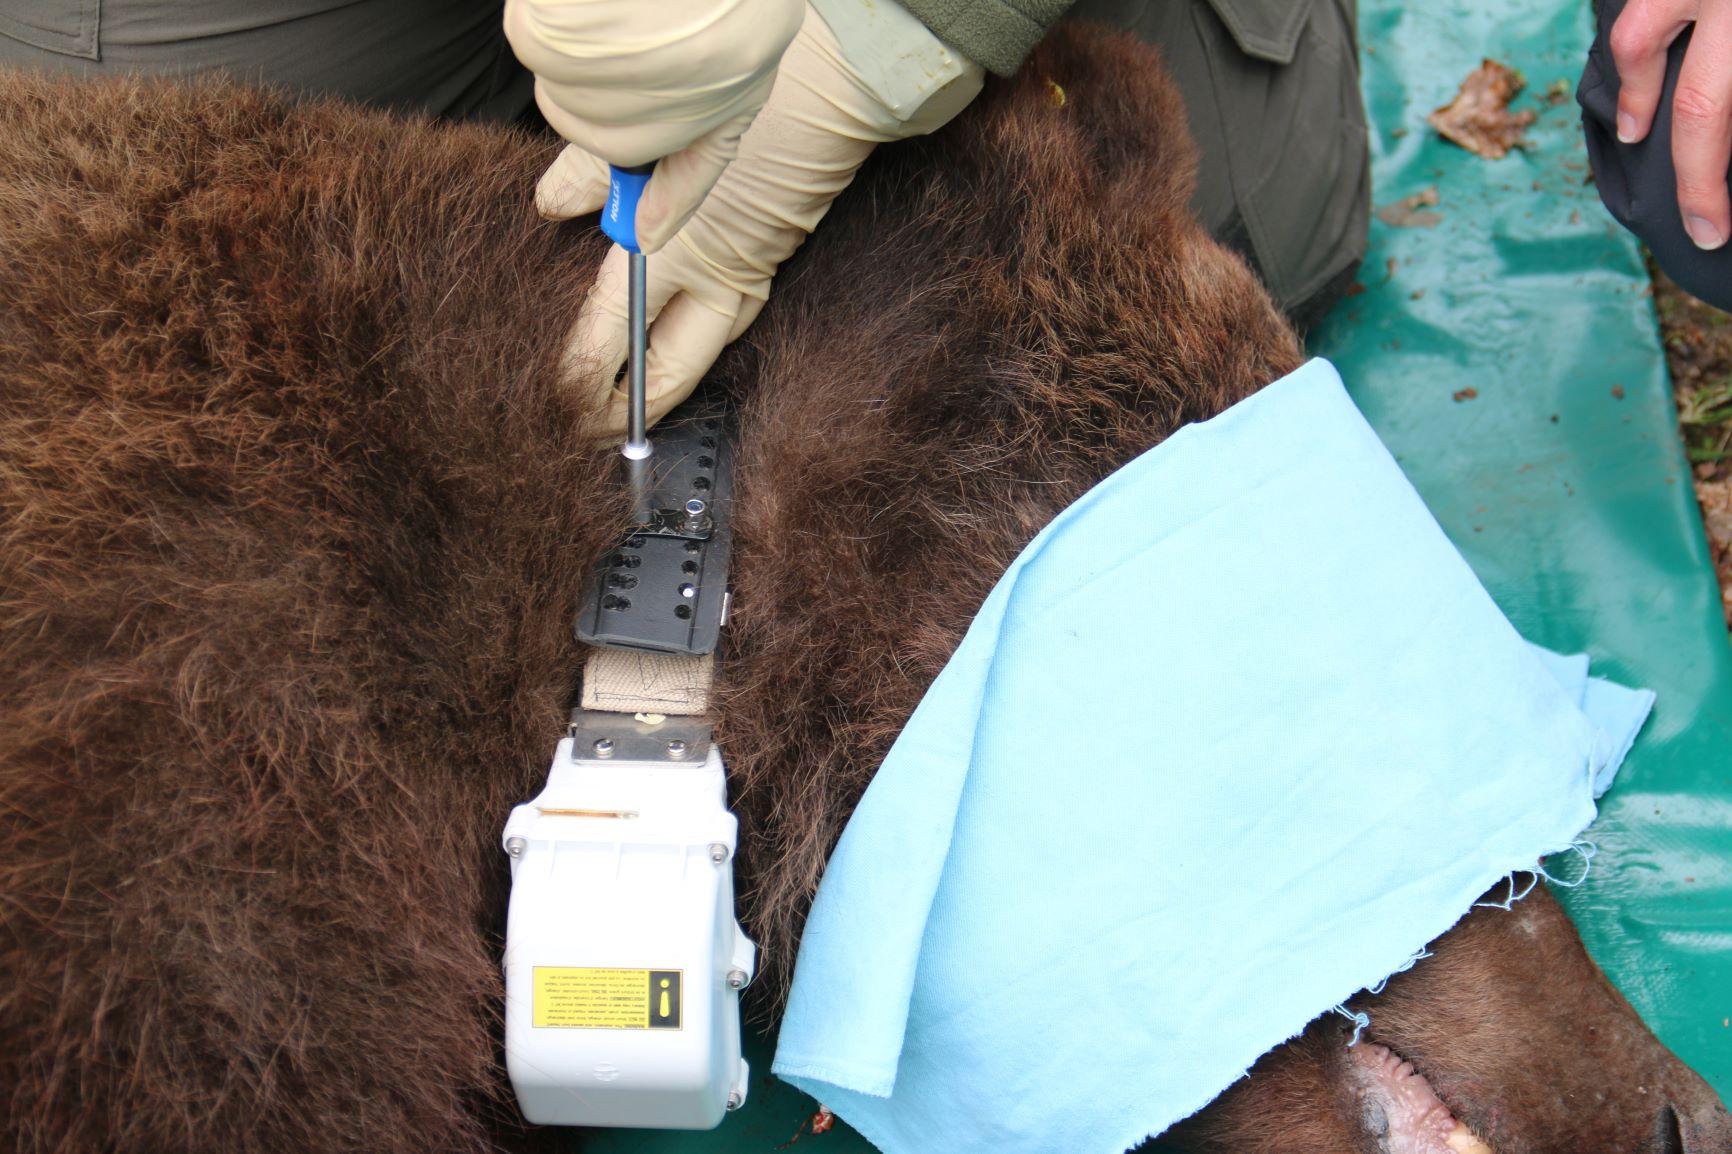 We collared a bear in Trnovski gozd